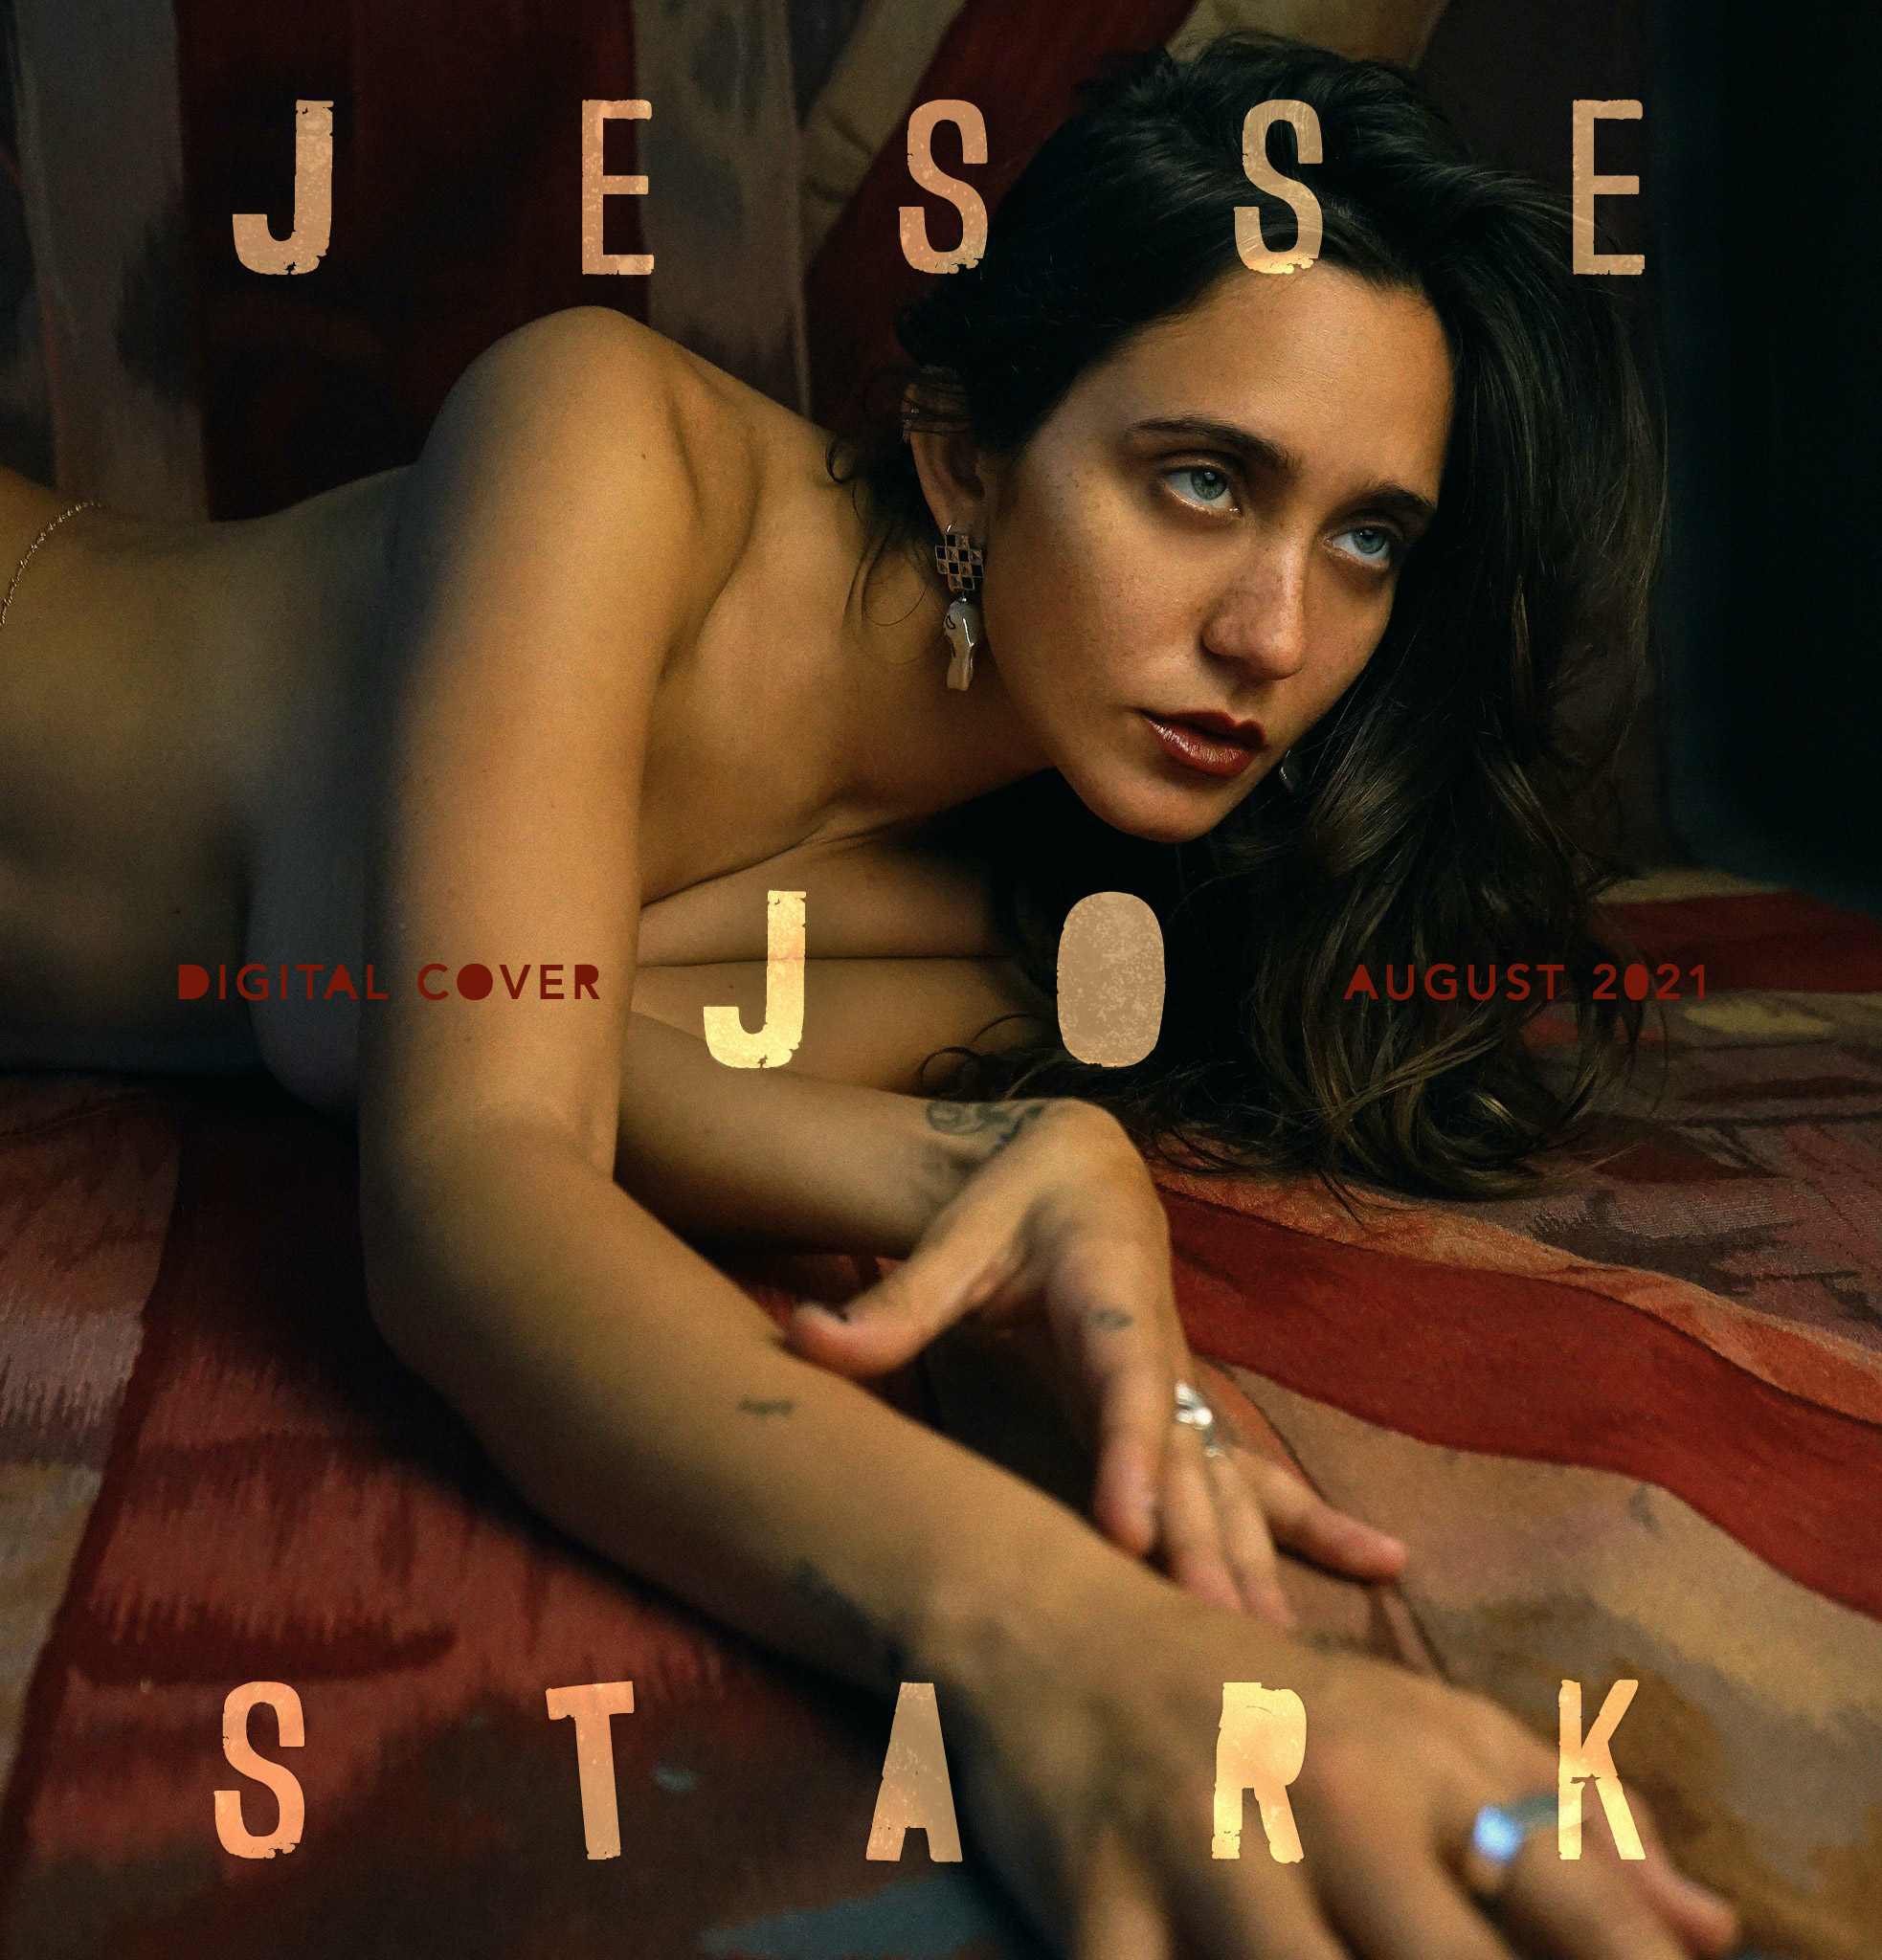 Jesse Jo Stark naked